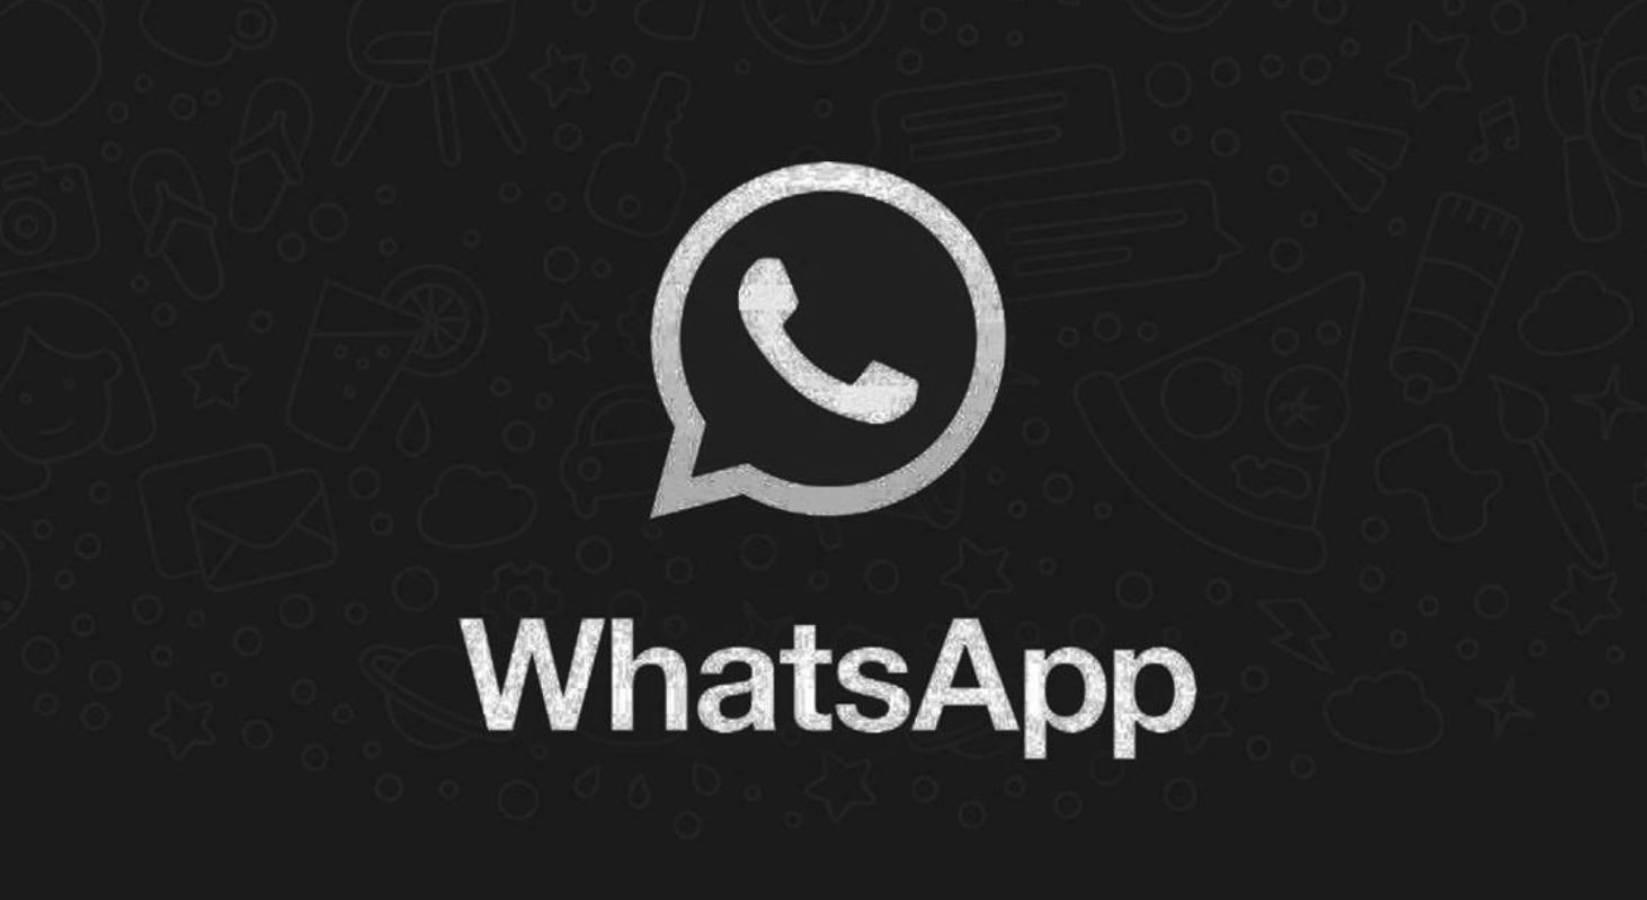 WhatsApp ios 13 dark mode